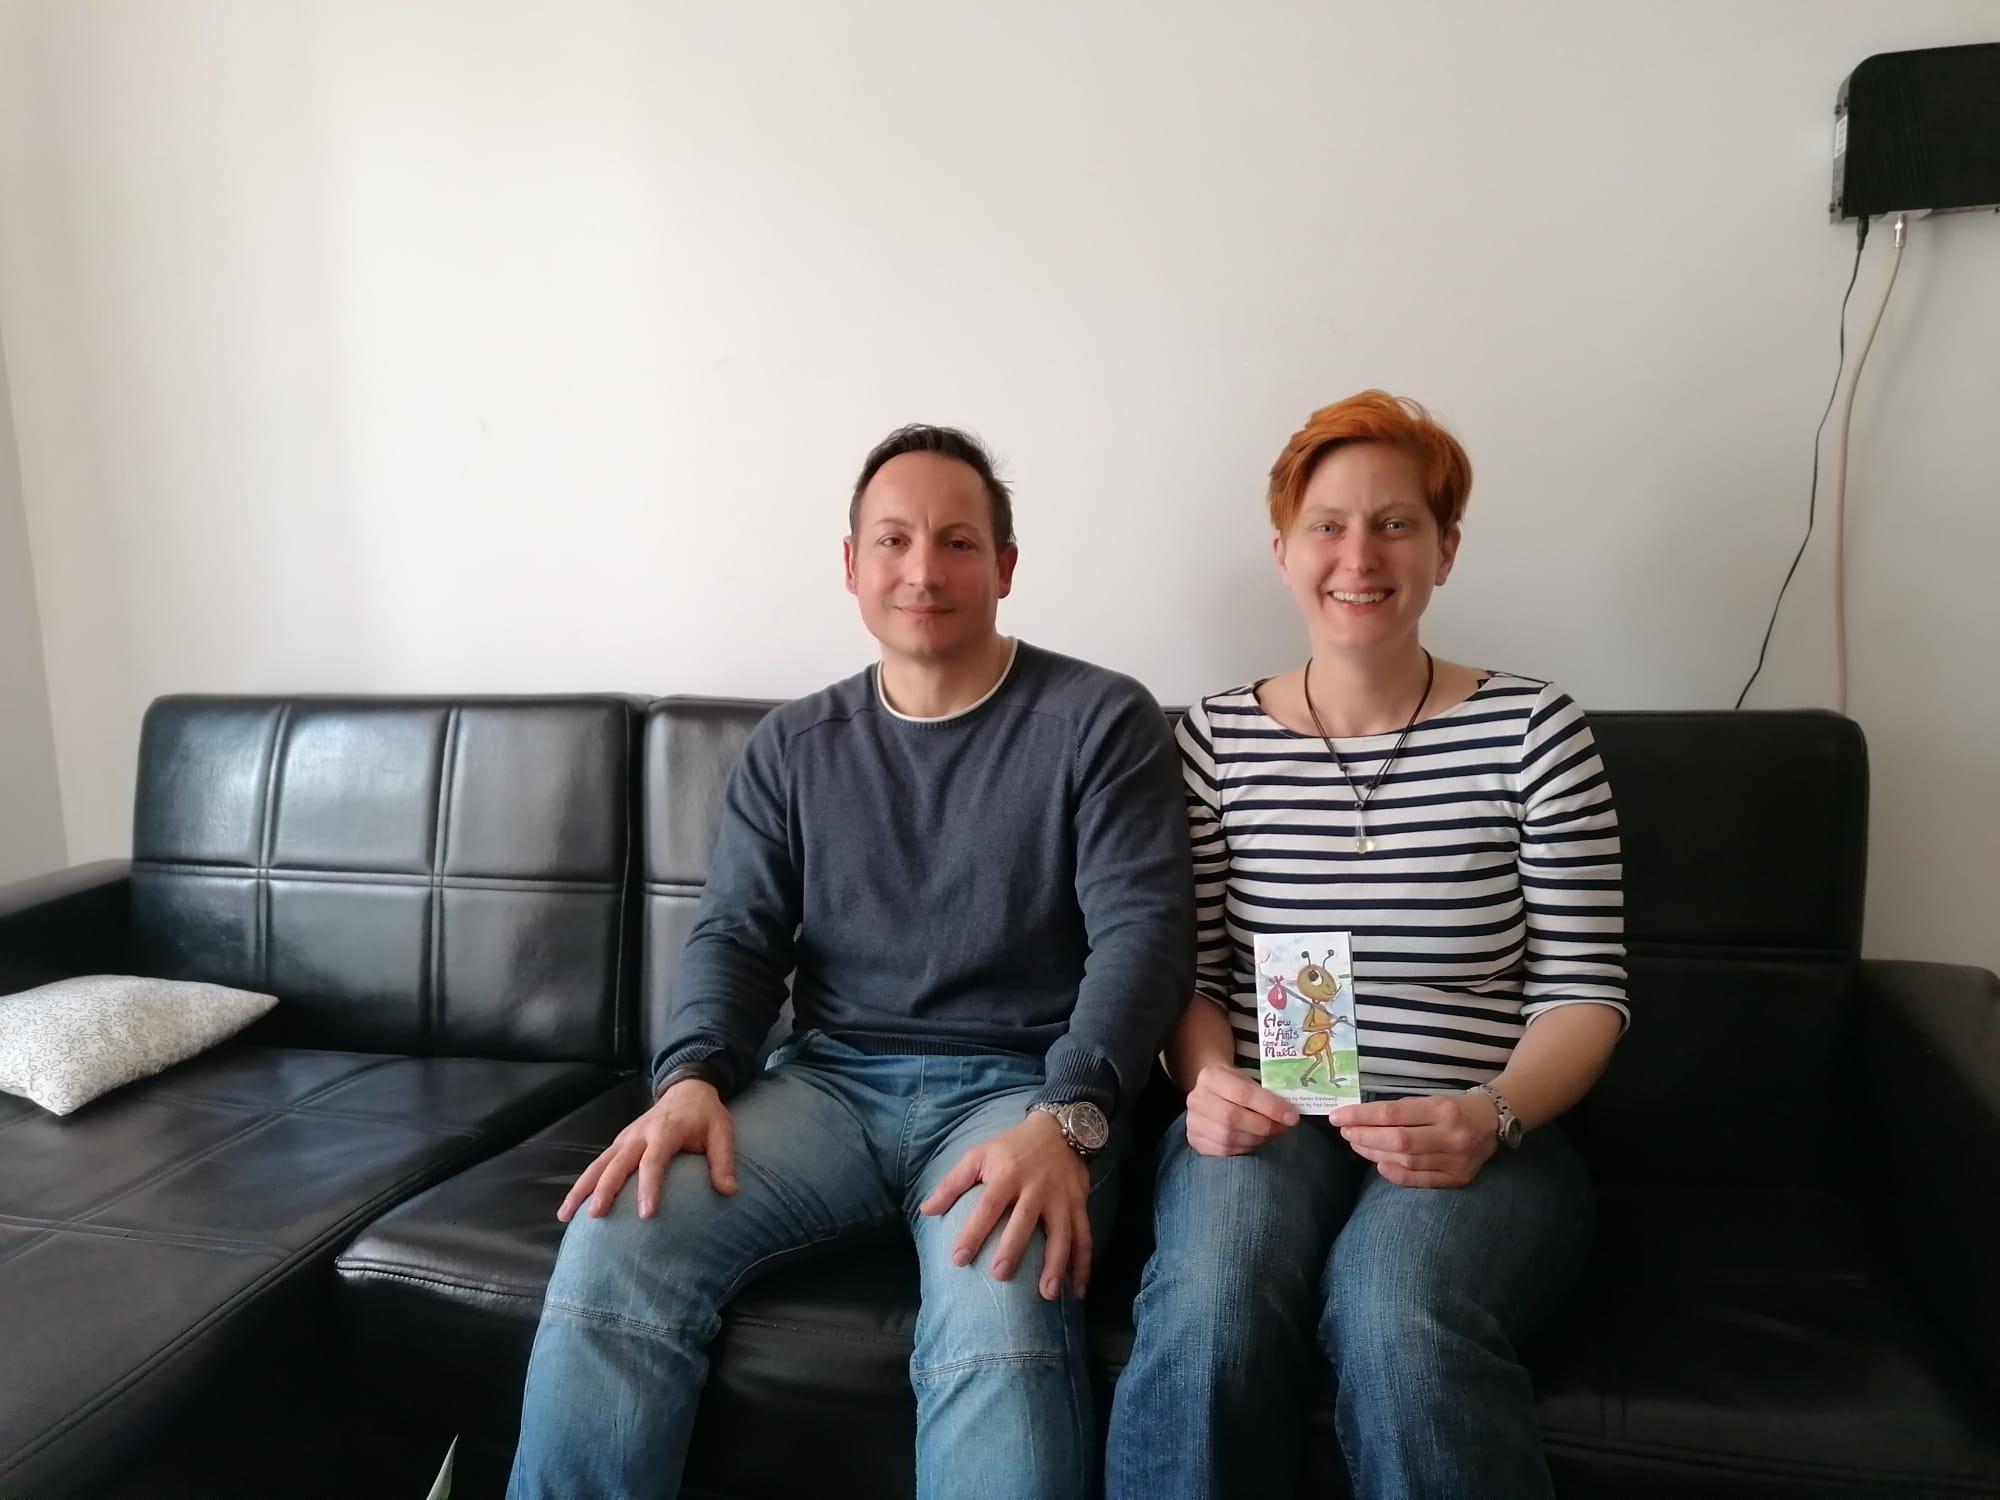 Intervista alla scrittrice Alenka Kreideweiss